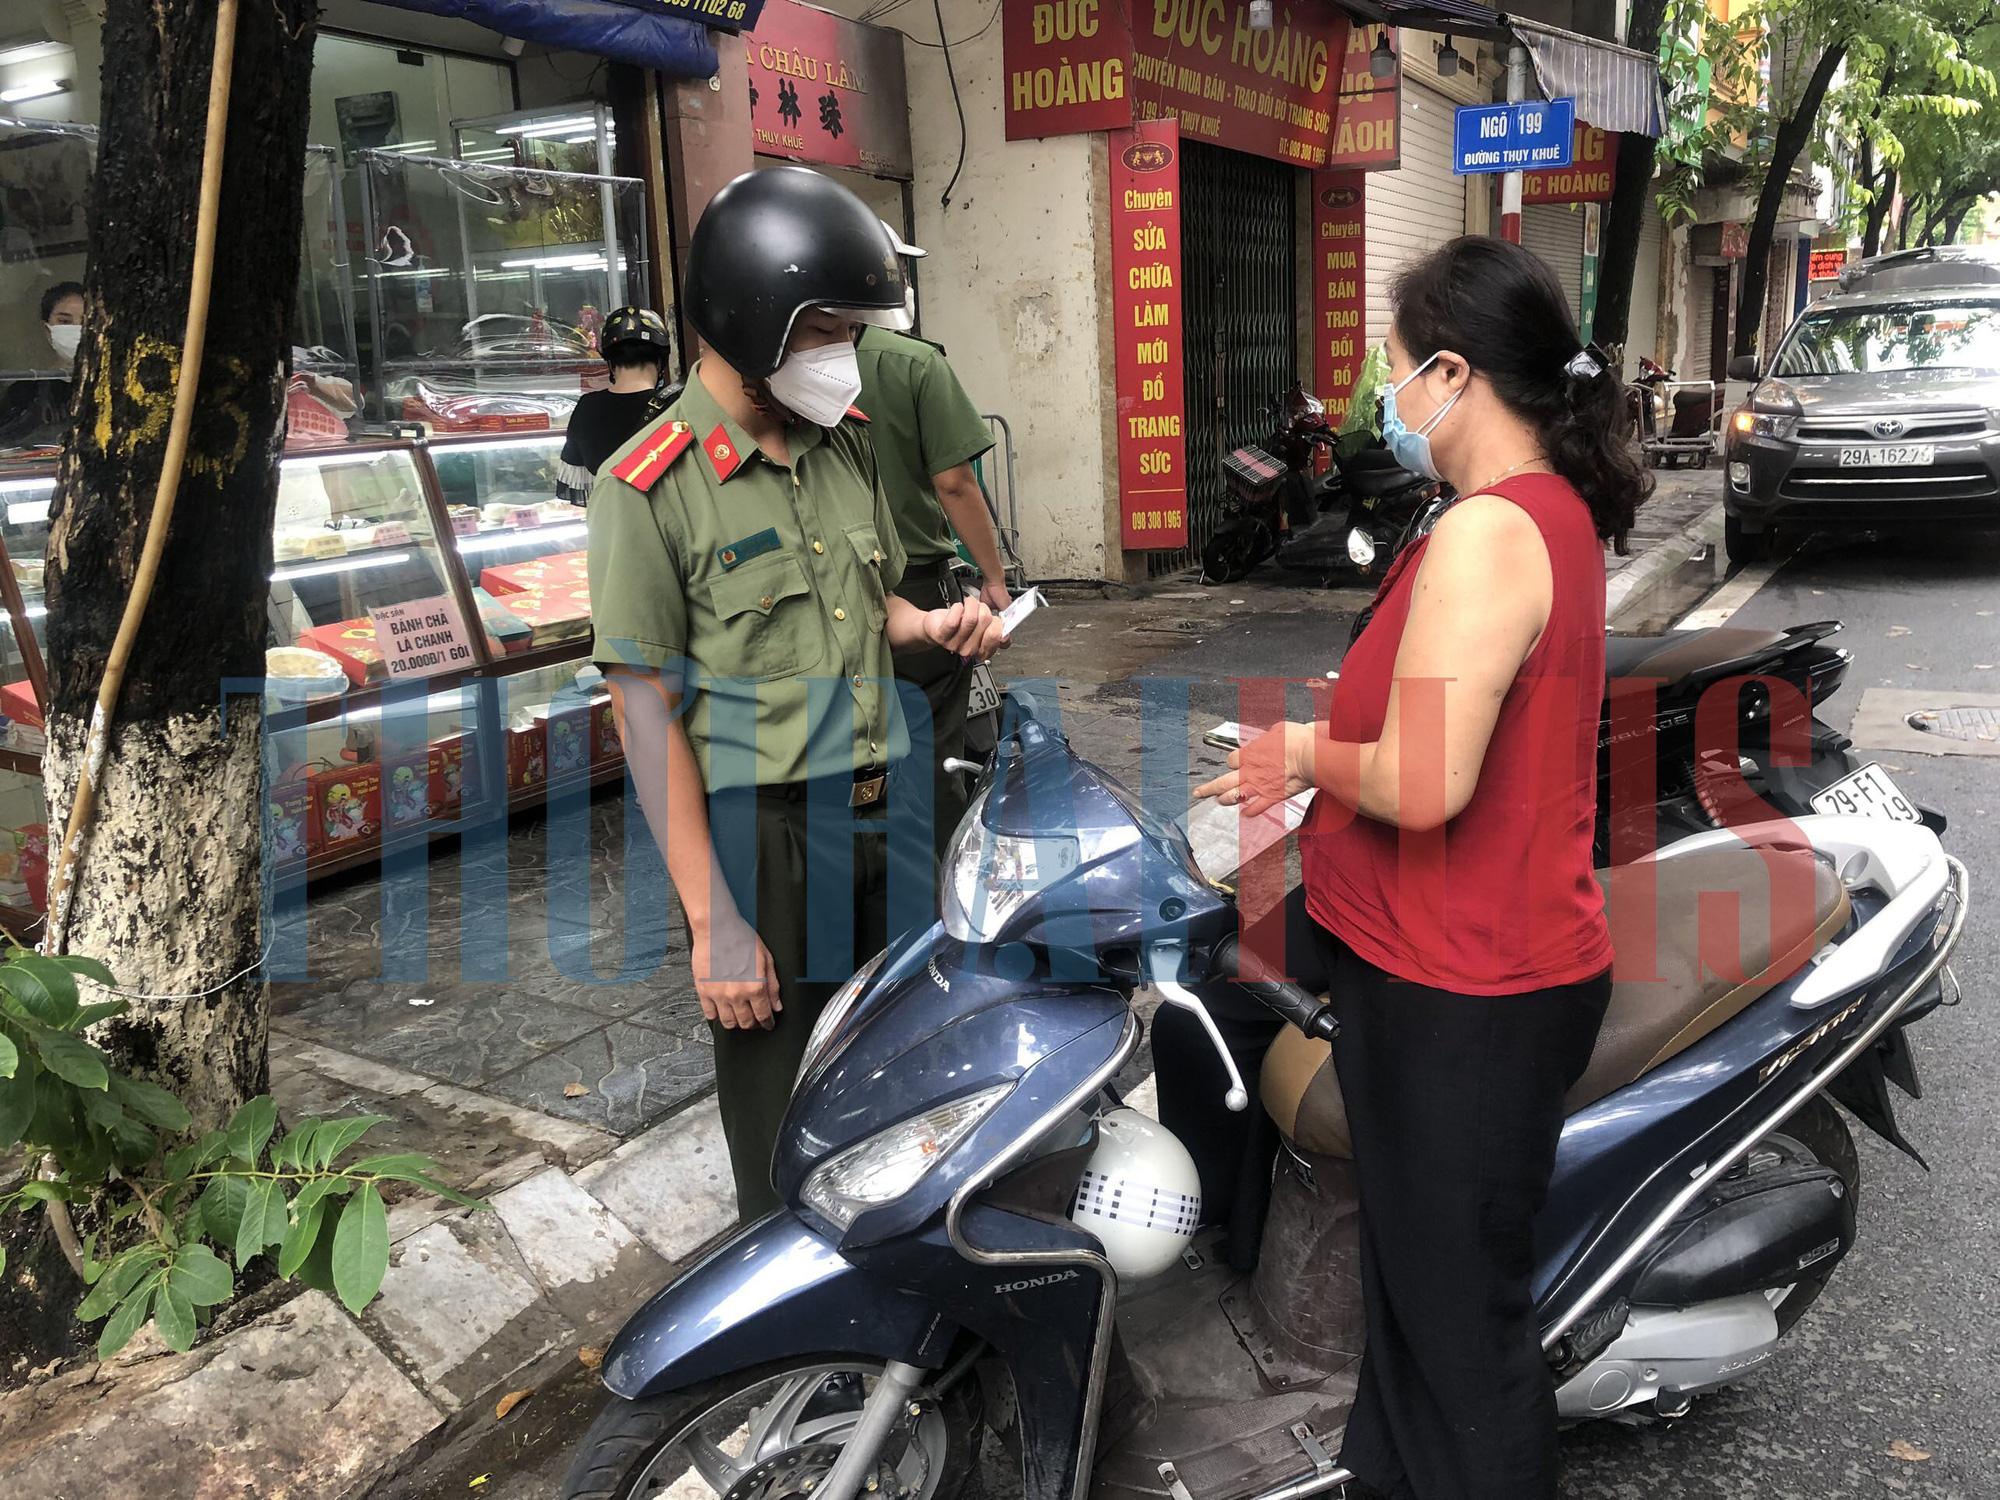 Để khách xếp hàng tấp nập, cửa hàng bánh trung thu Bảo Phương bị đóng cửa - Ảnh 6.